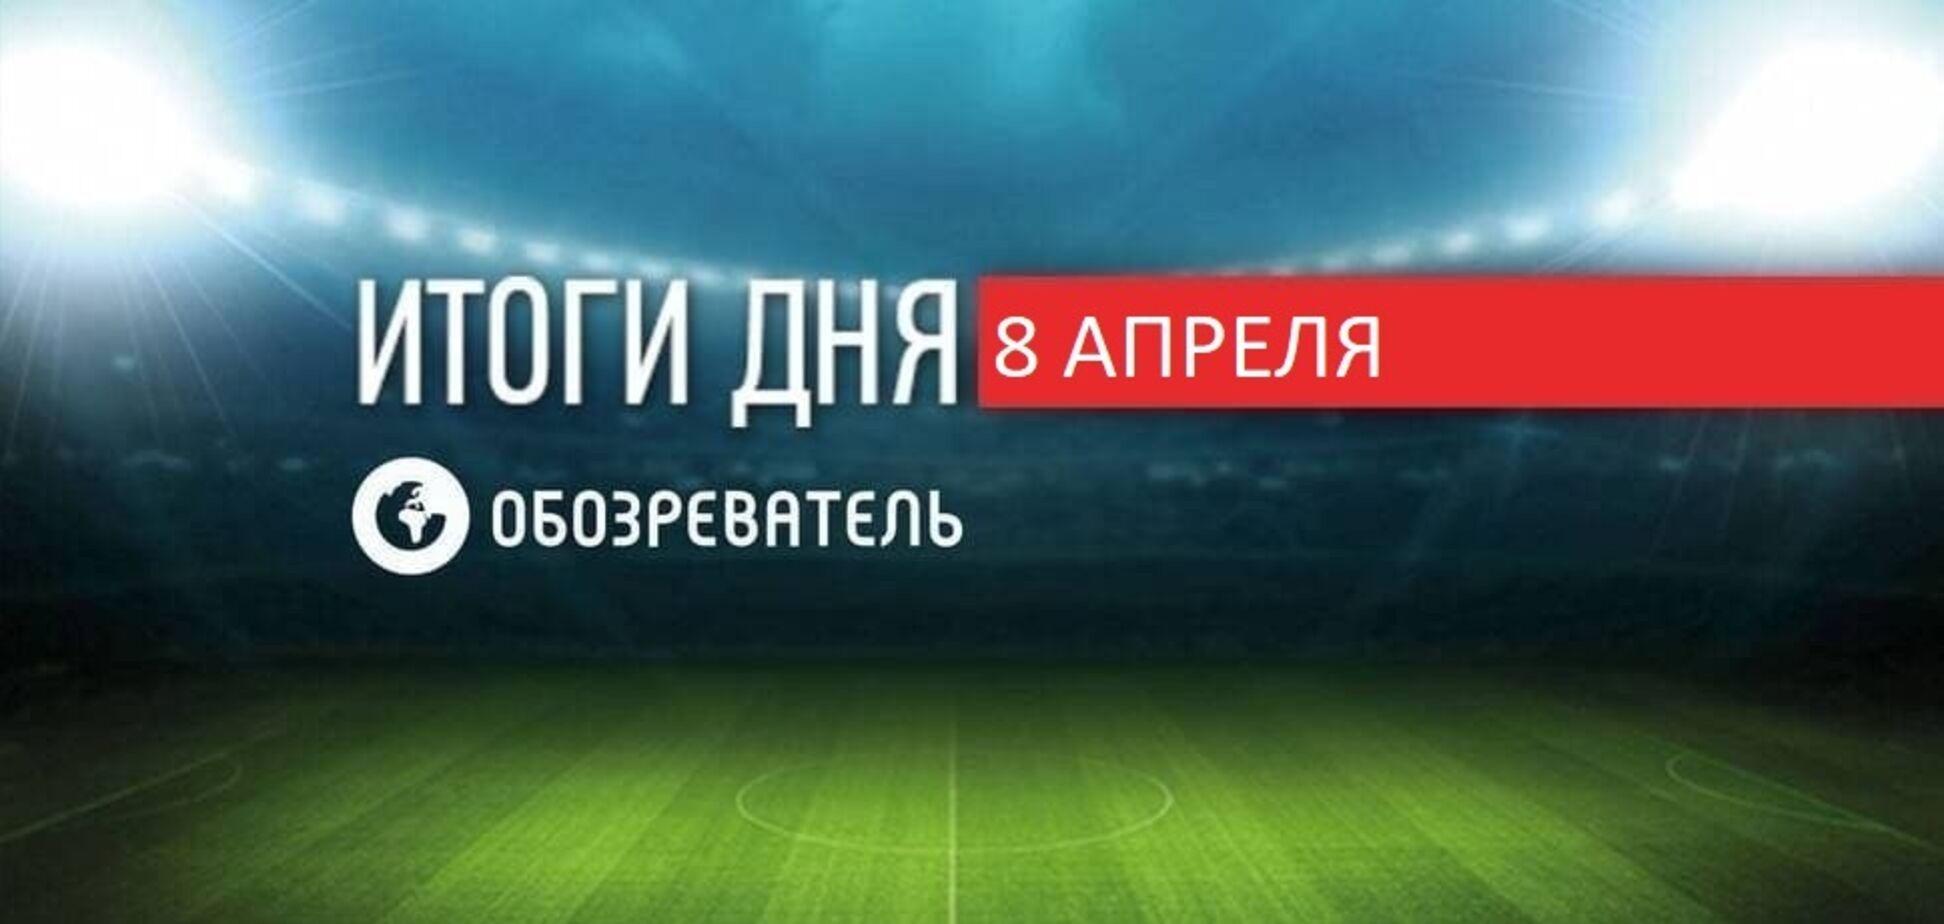 Новости спорта 8 апреля: Усик лишился авто в Киеве, сенсации в 1/4 финала ЛЕ